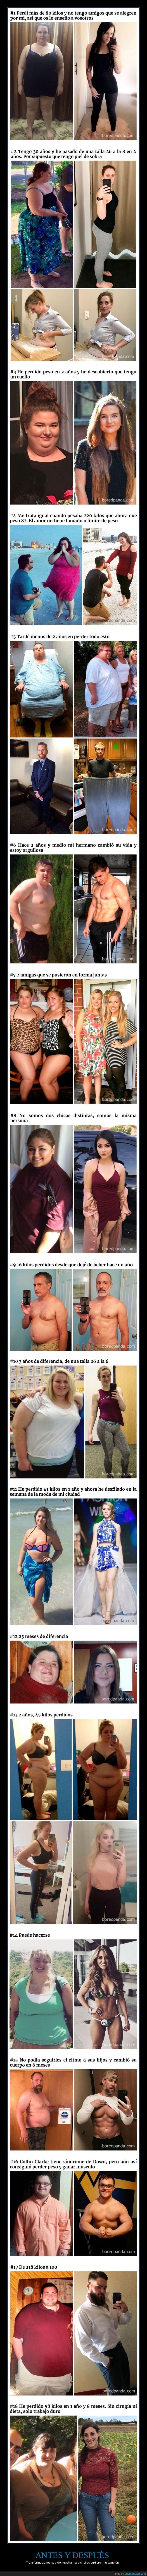 antes,después,perder peso,transformaciones